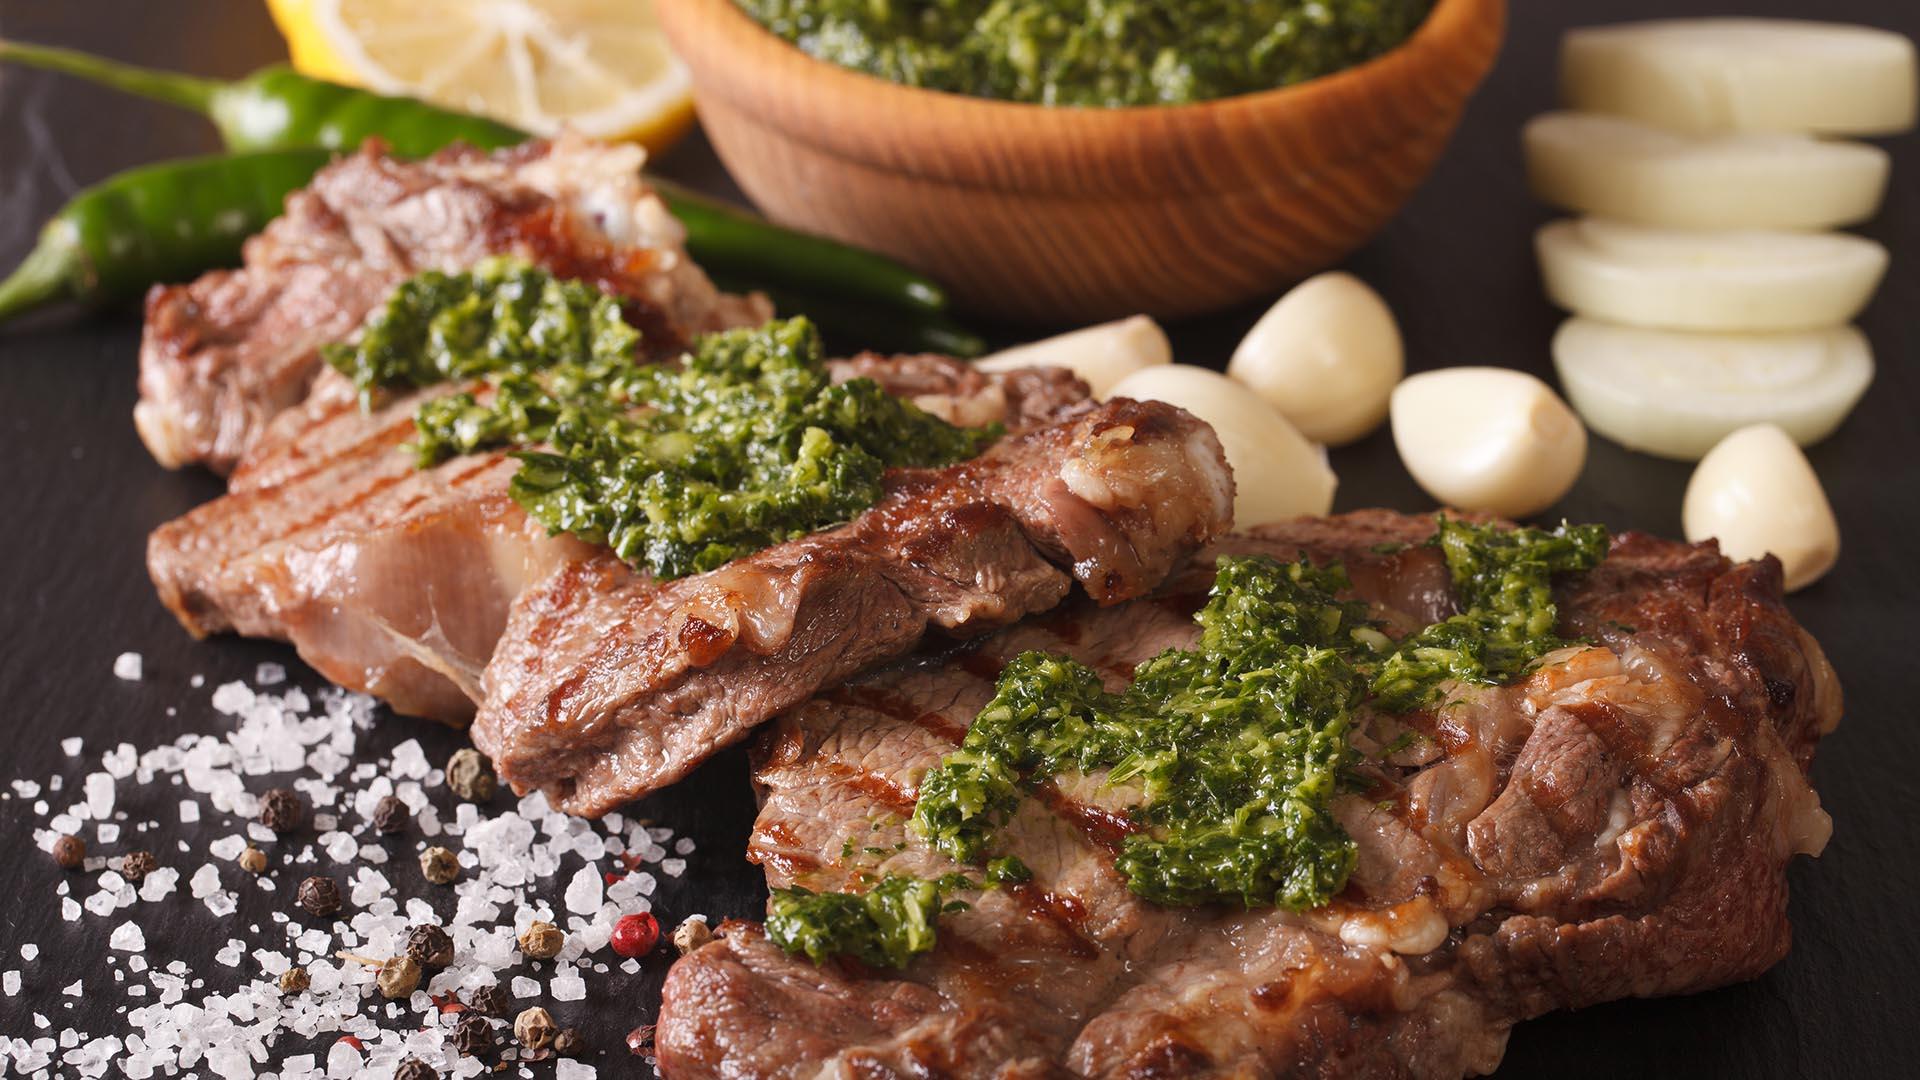 7 Platos Típicos De La Comida Argentina Abc De La Gastronomía Argentina